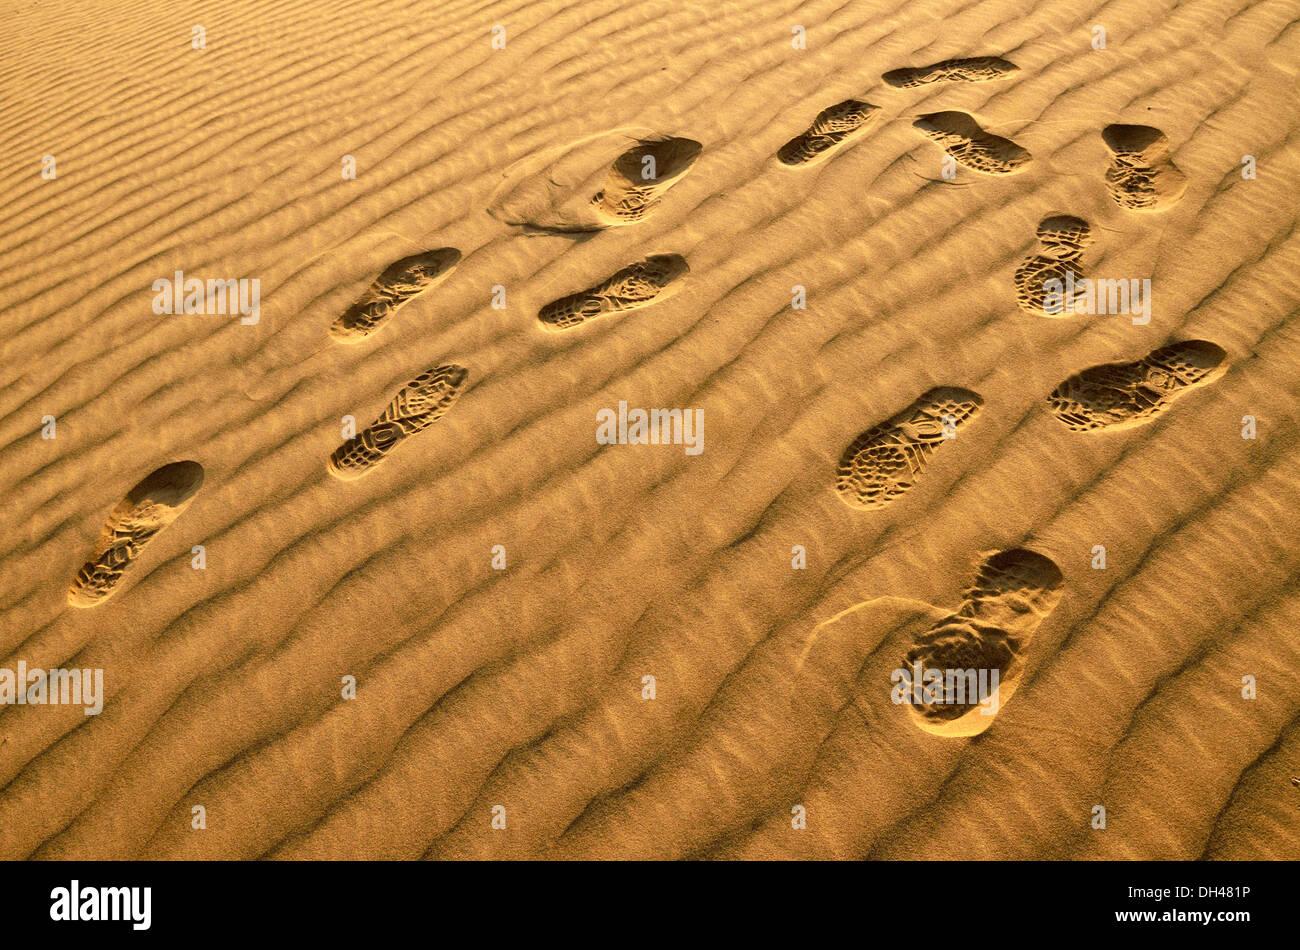 Schuhabdrücke Fuß auf Sand Dünen der Wüste Rajasthan Indien Asien Stockbild